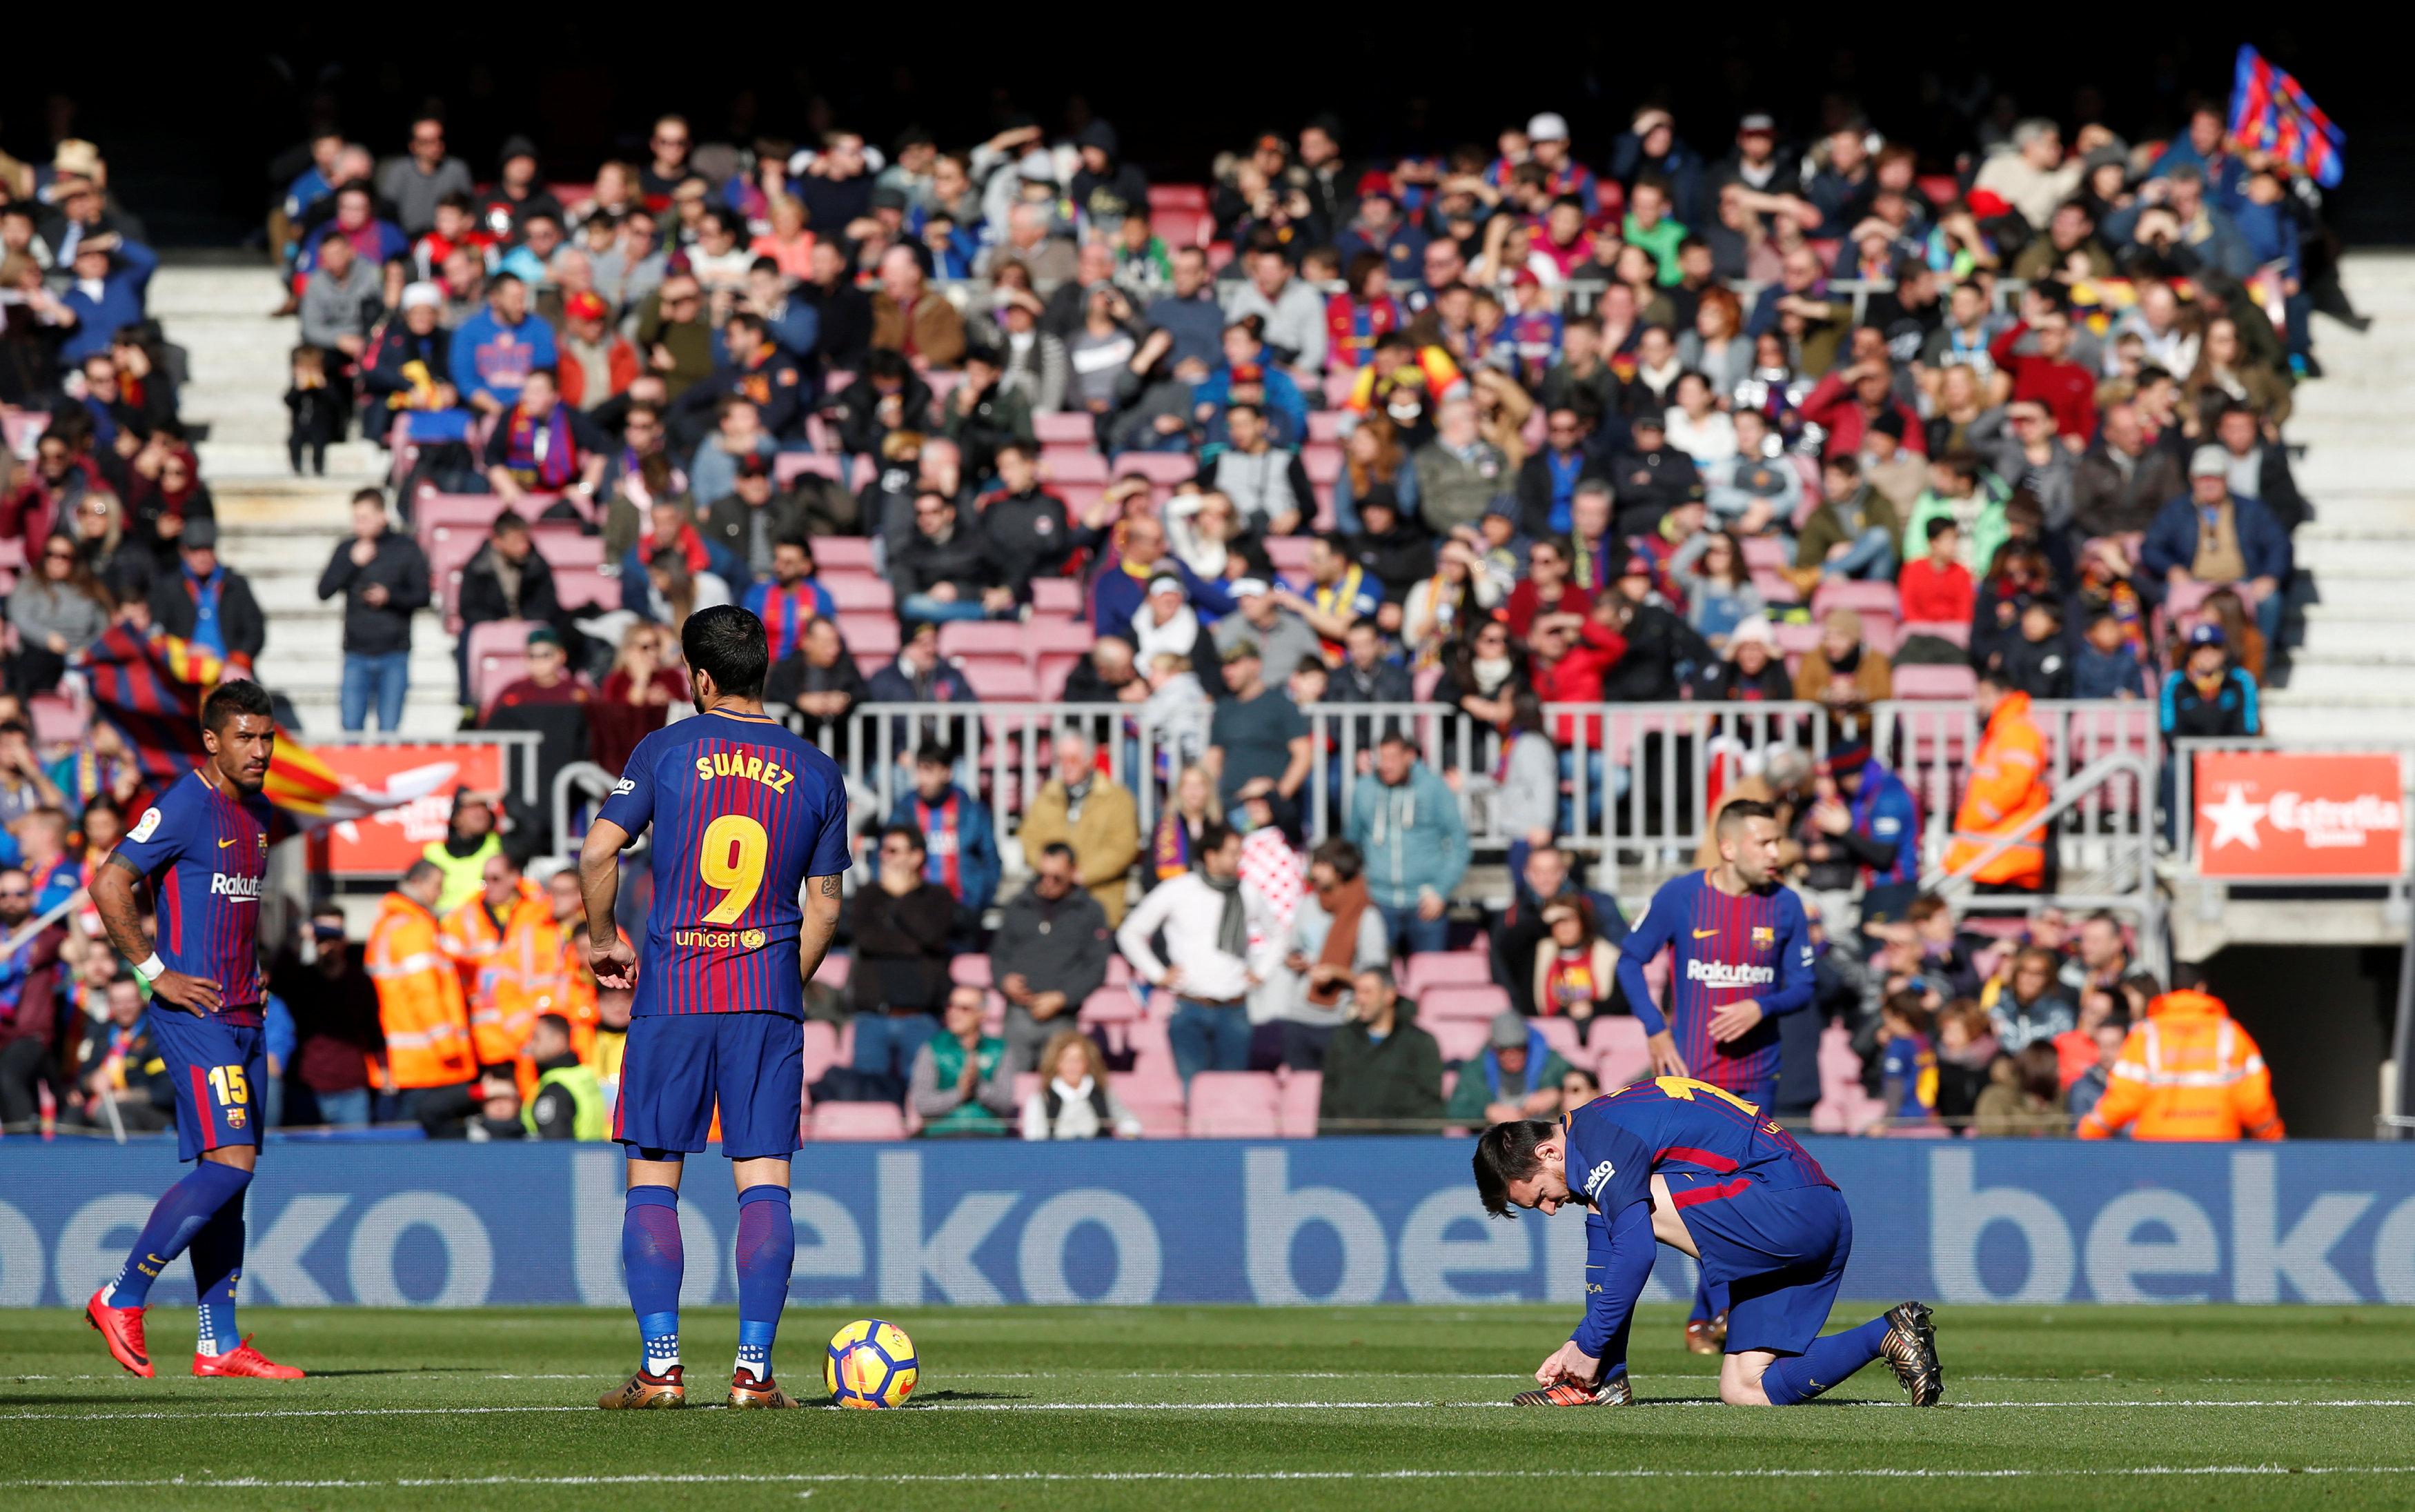 Nỗi thất vọng của các cầu thủ Barca sau khi bị Celta Vigo cầm chân 2-2. Ảnh: REUTERS